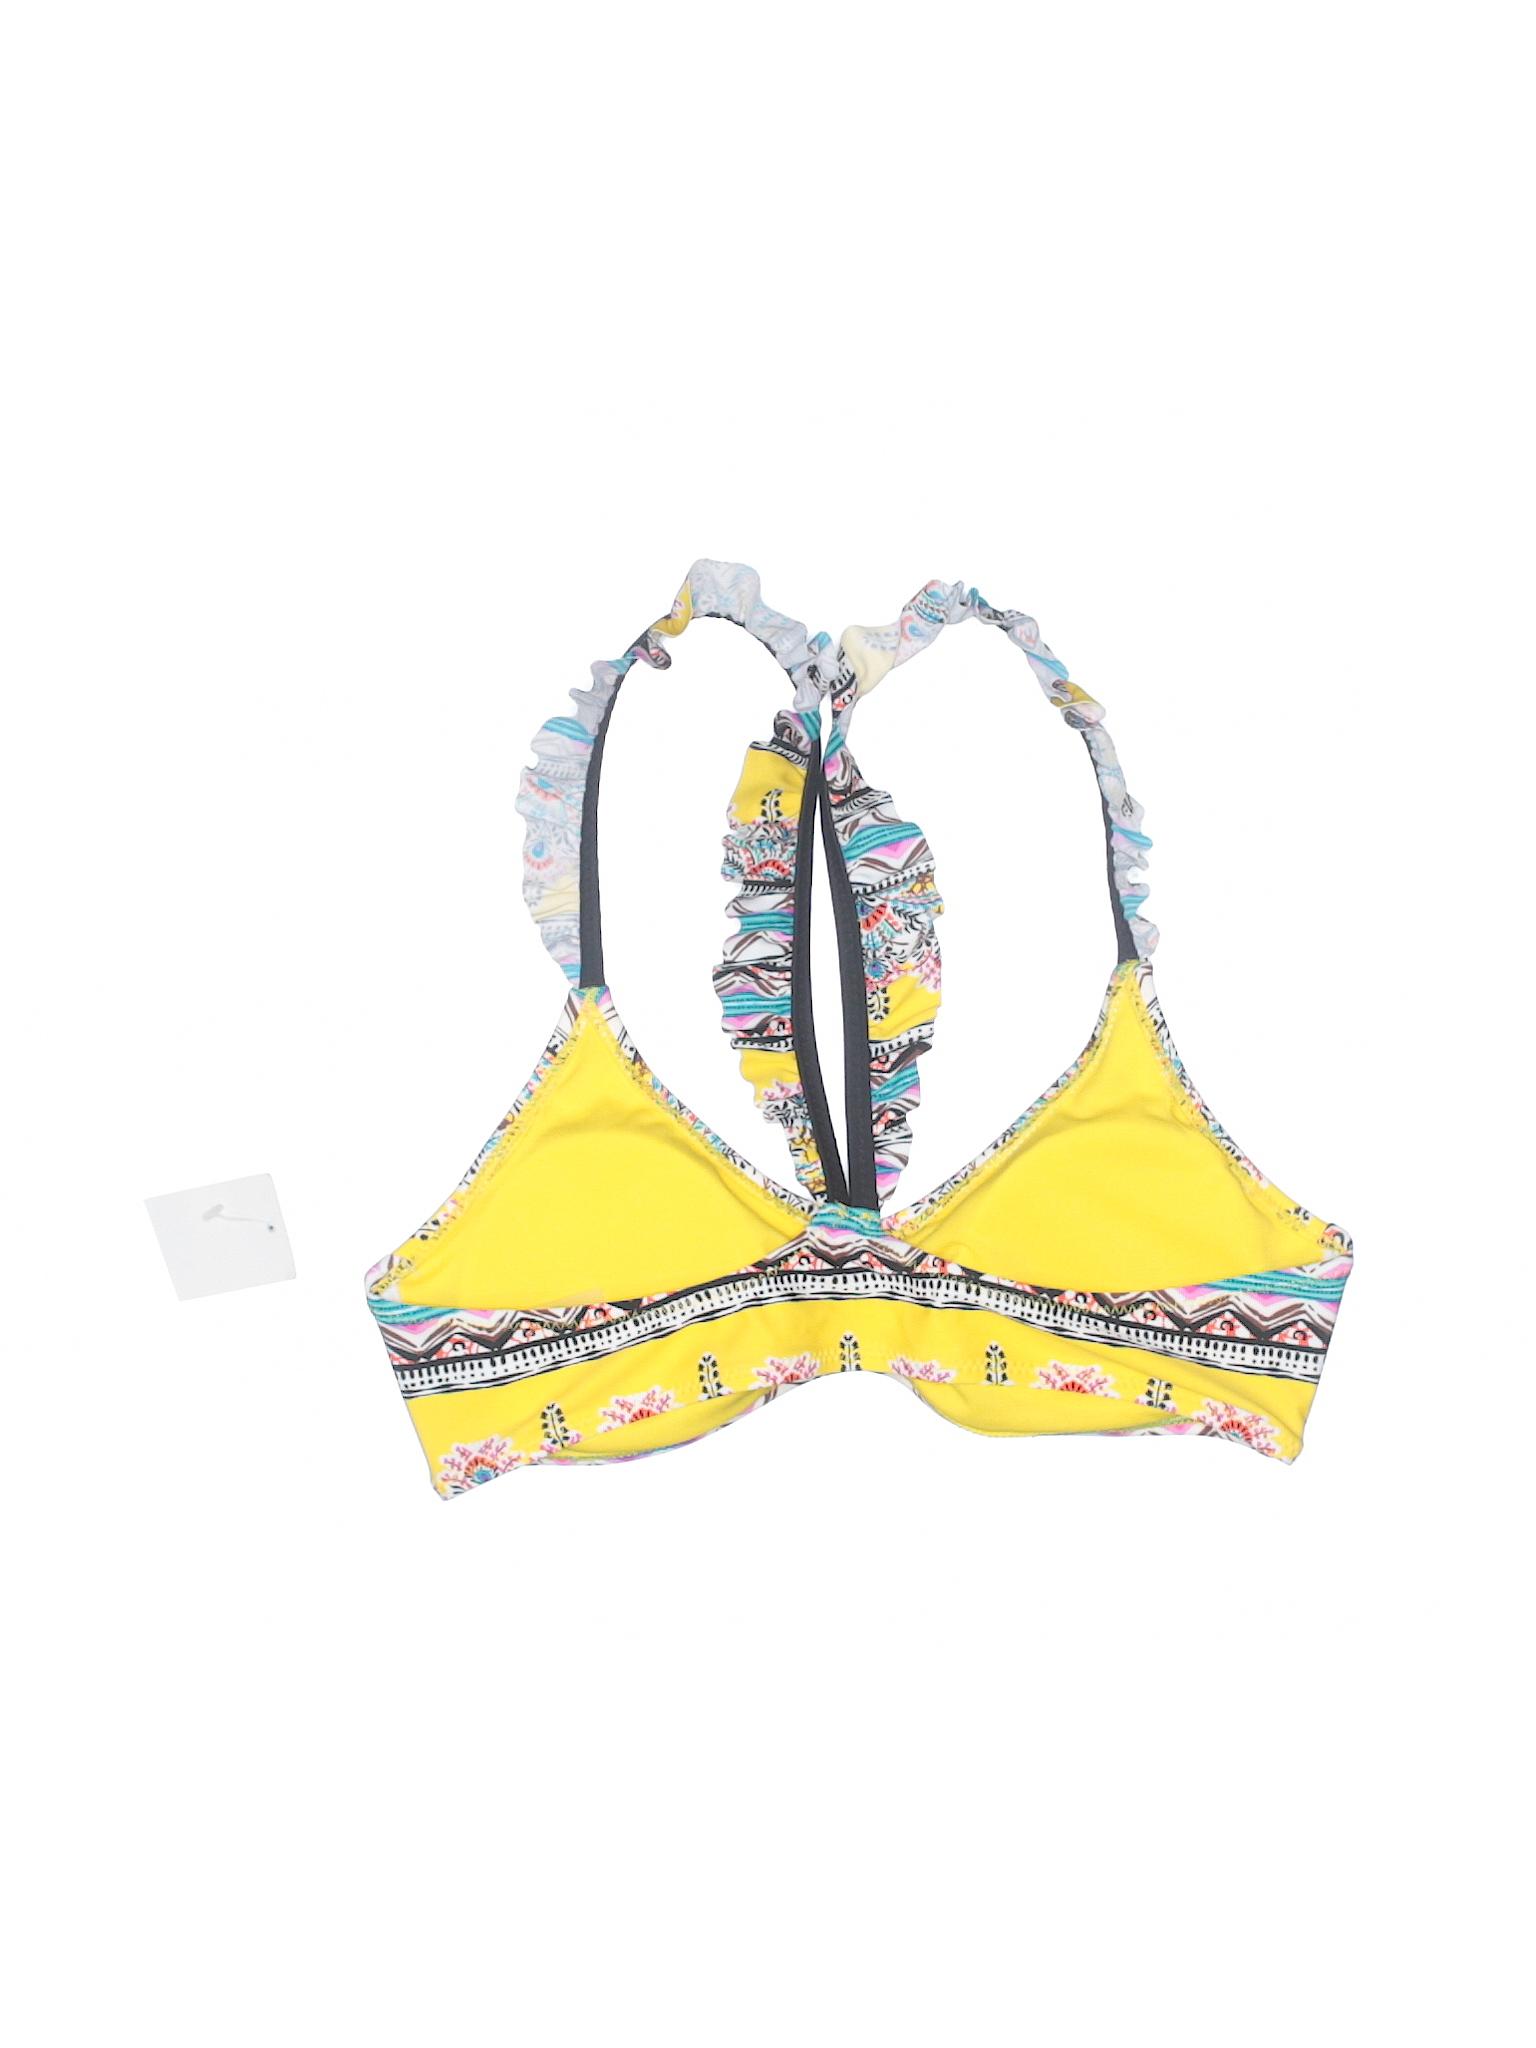 Boutique Boutique Top Raisins Swimsuit Swimsuit Top Boutique Raisins O1g1wS